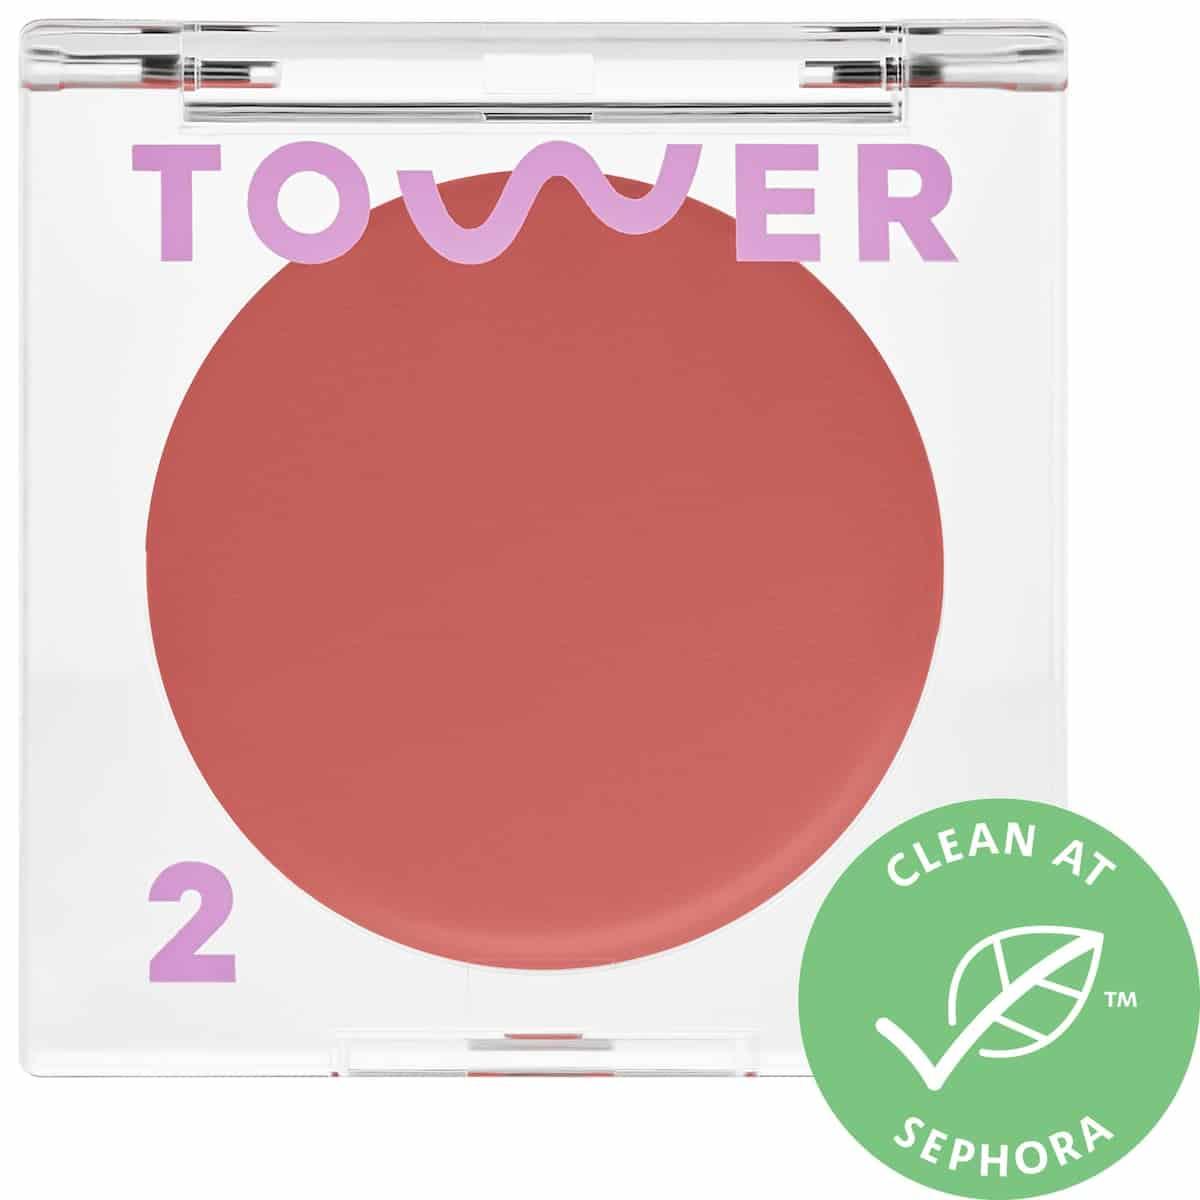 Tower28 BeachPlease Tinted Lip + Cheek Balm